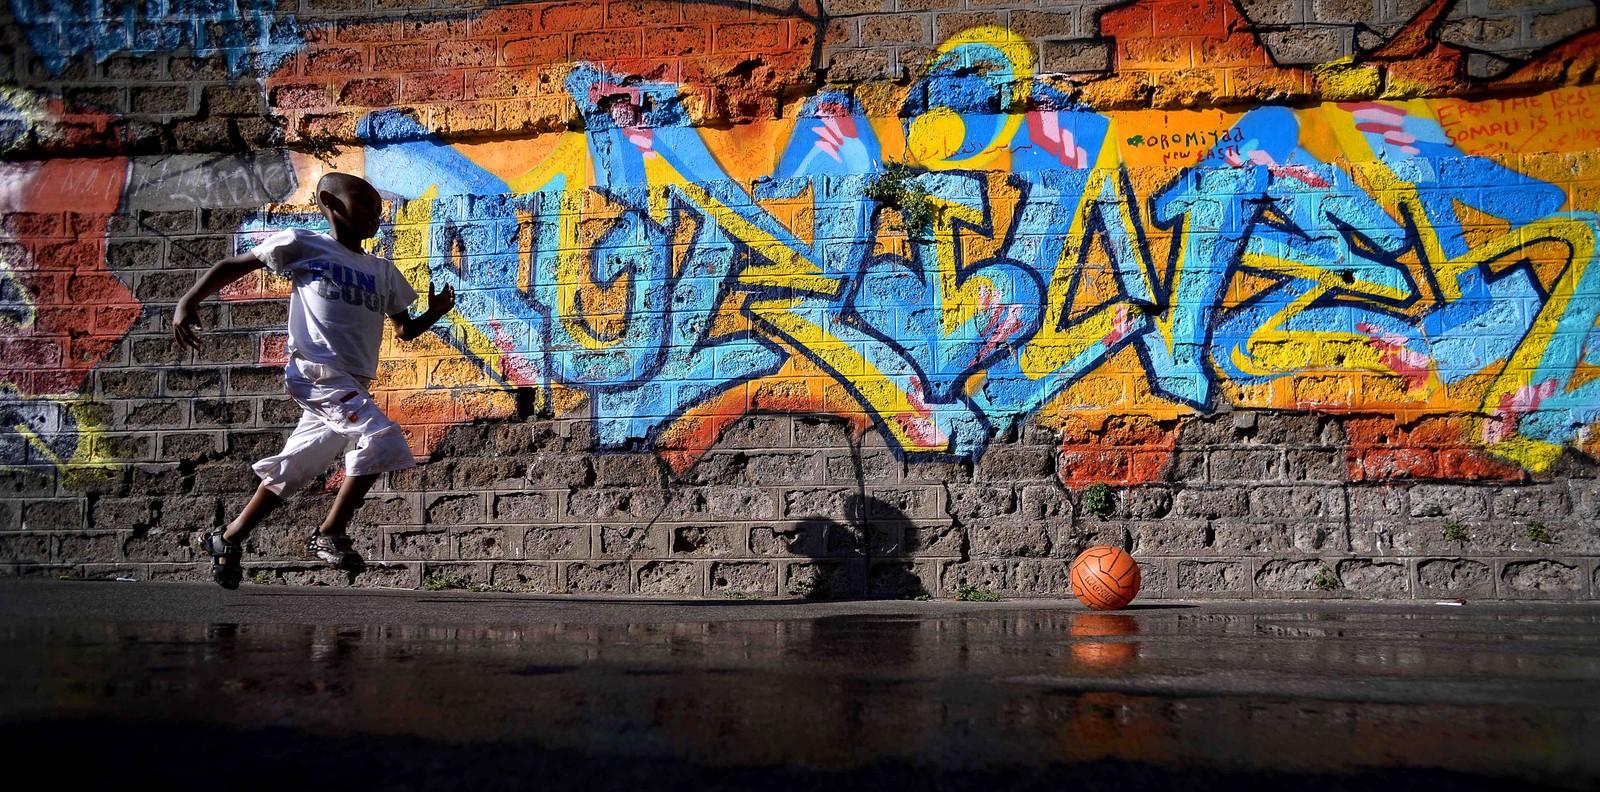 En ung flyktning løper etter en ball i gaten Via Cupa utenfor det tidligere flyktningmottaket Baobab i Roma i Italia den 8. august. Flyktningmottaket ble lagt ned i desember 2015 etter terrorangrepene i Paris, men frivillige fikk raskt satt opp en leir på gaten foran mottaket med telt og toaletter. Det blir også servert tre måltider hver dag.